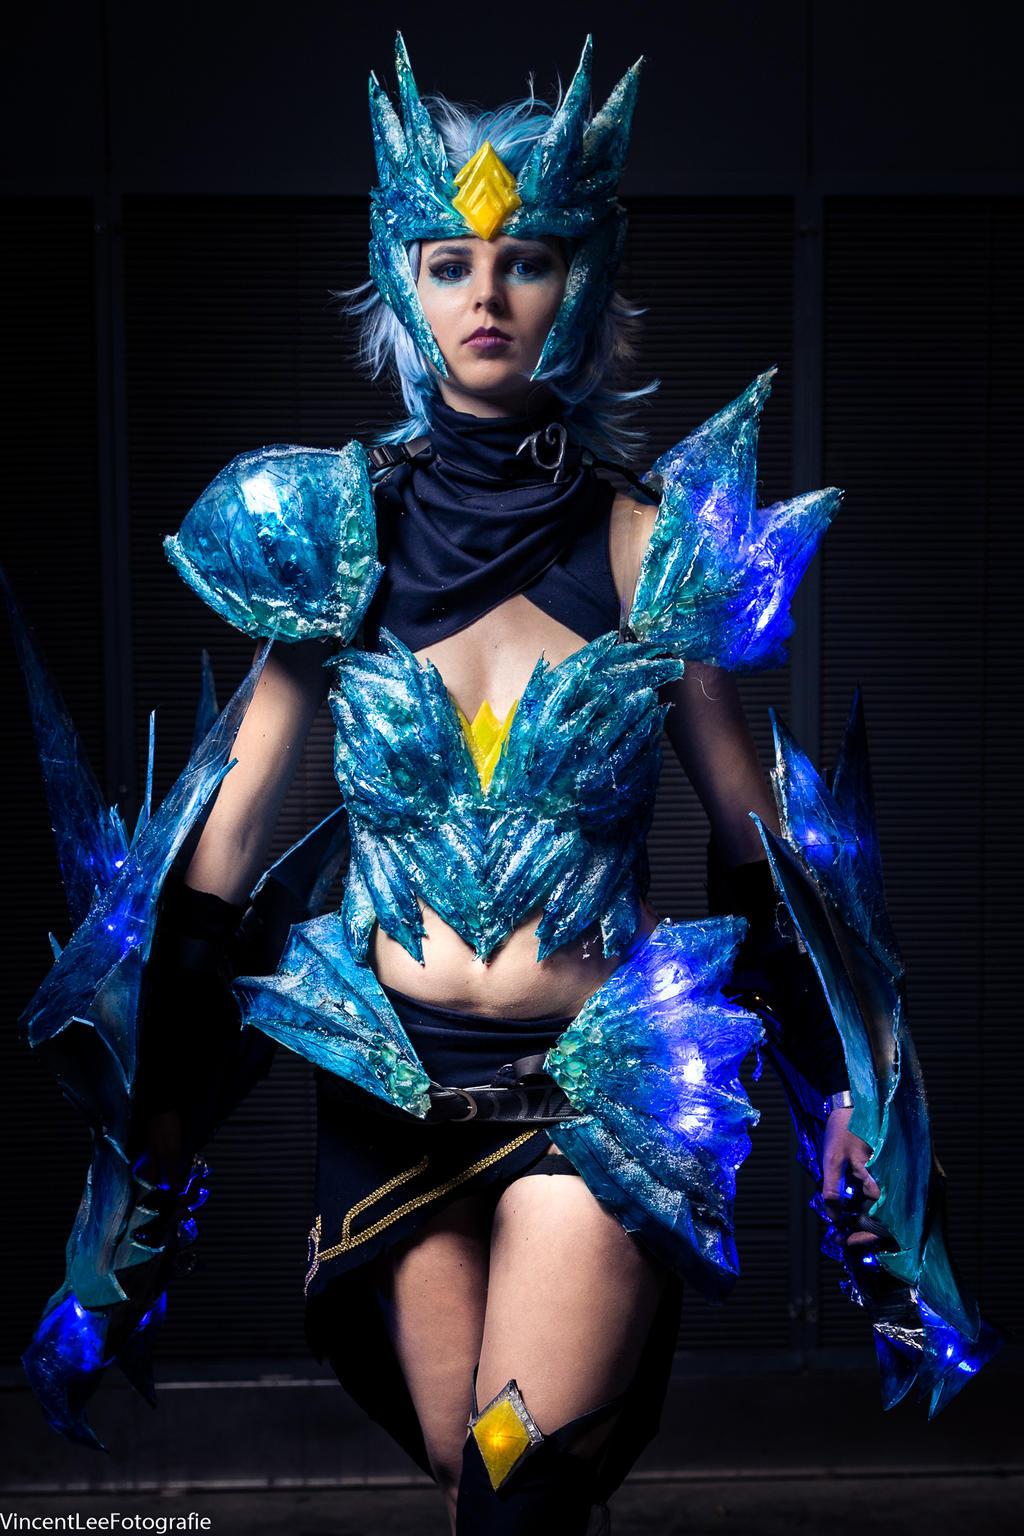 ice drake shyvana cosplay - photo #35